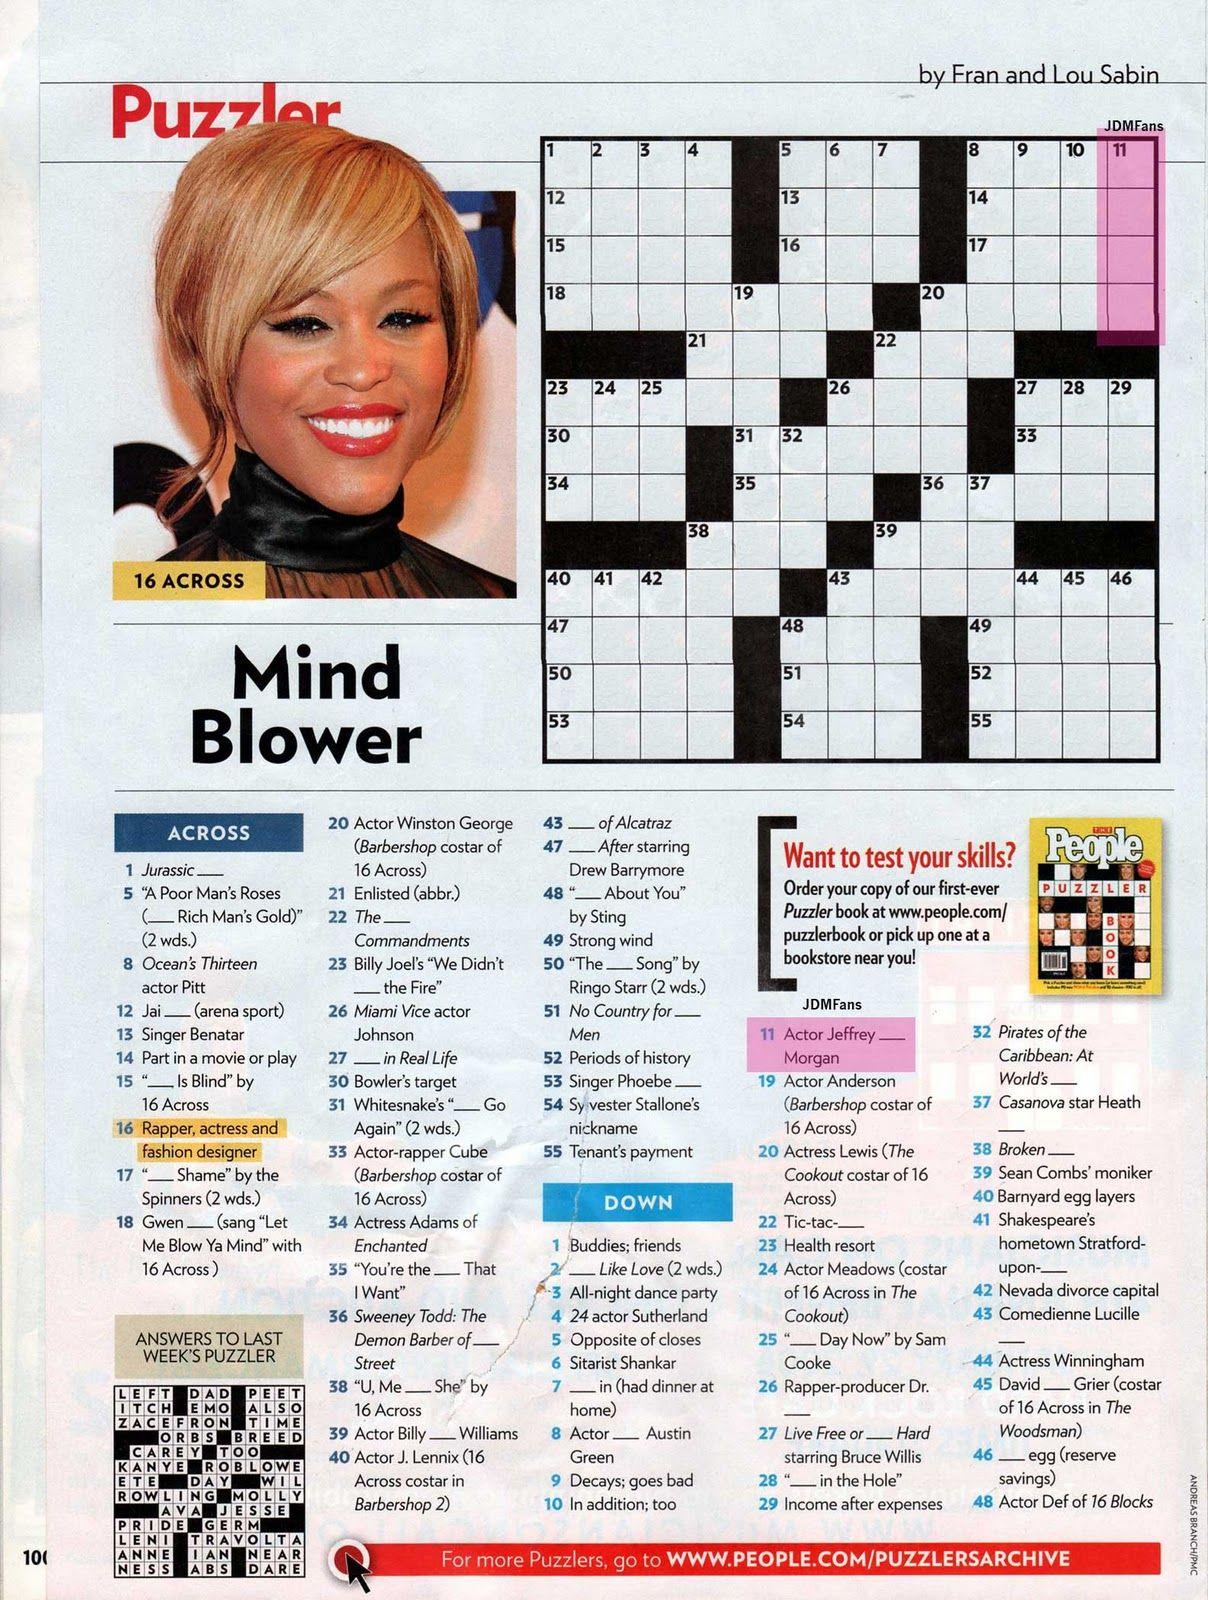 People Magazine Crossword Puzzles To Print | Puzzles In 2019 - Printable Crossword Puzzles From People Magazine